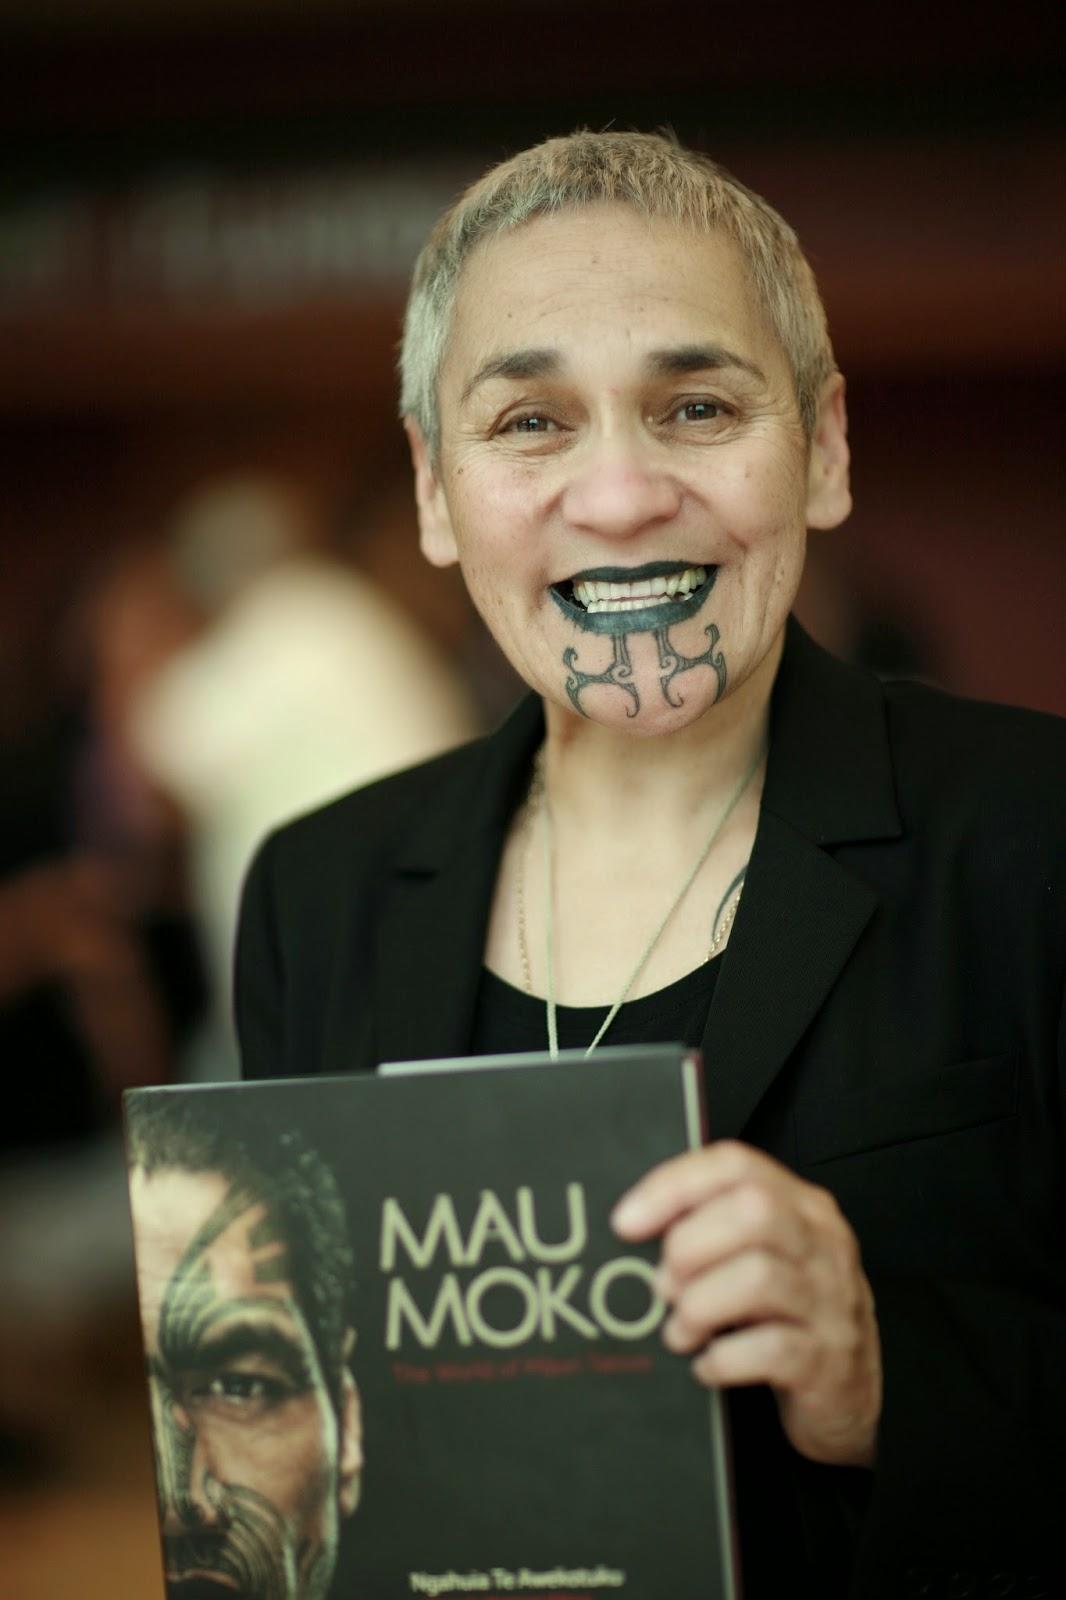 Ngāhuia Te Awekōtuku's